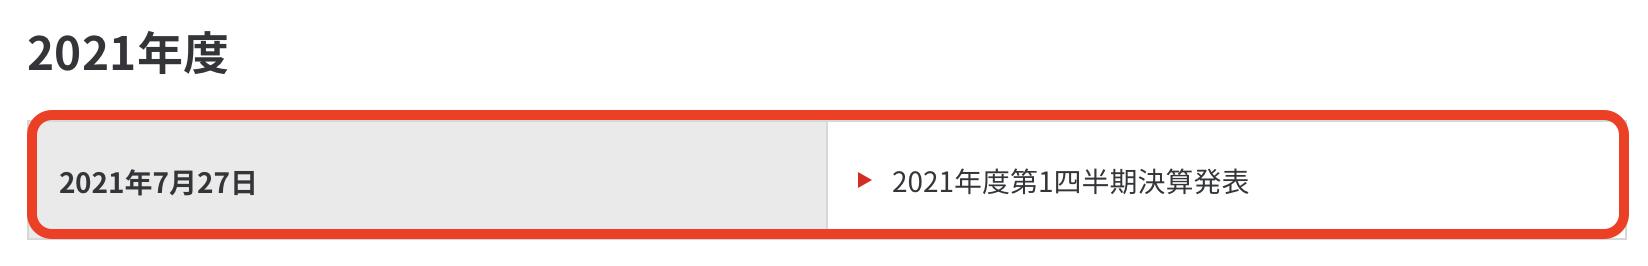 「三菱商事ホルダが7/27の三菱自動車の1Q決算をチェックすべき理由」につき徹底解説! さとり世代の株日記 資産運用 株 投資 資産形成